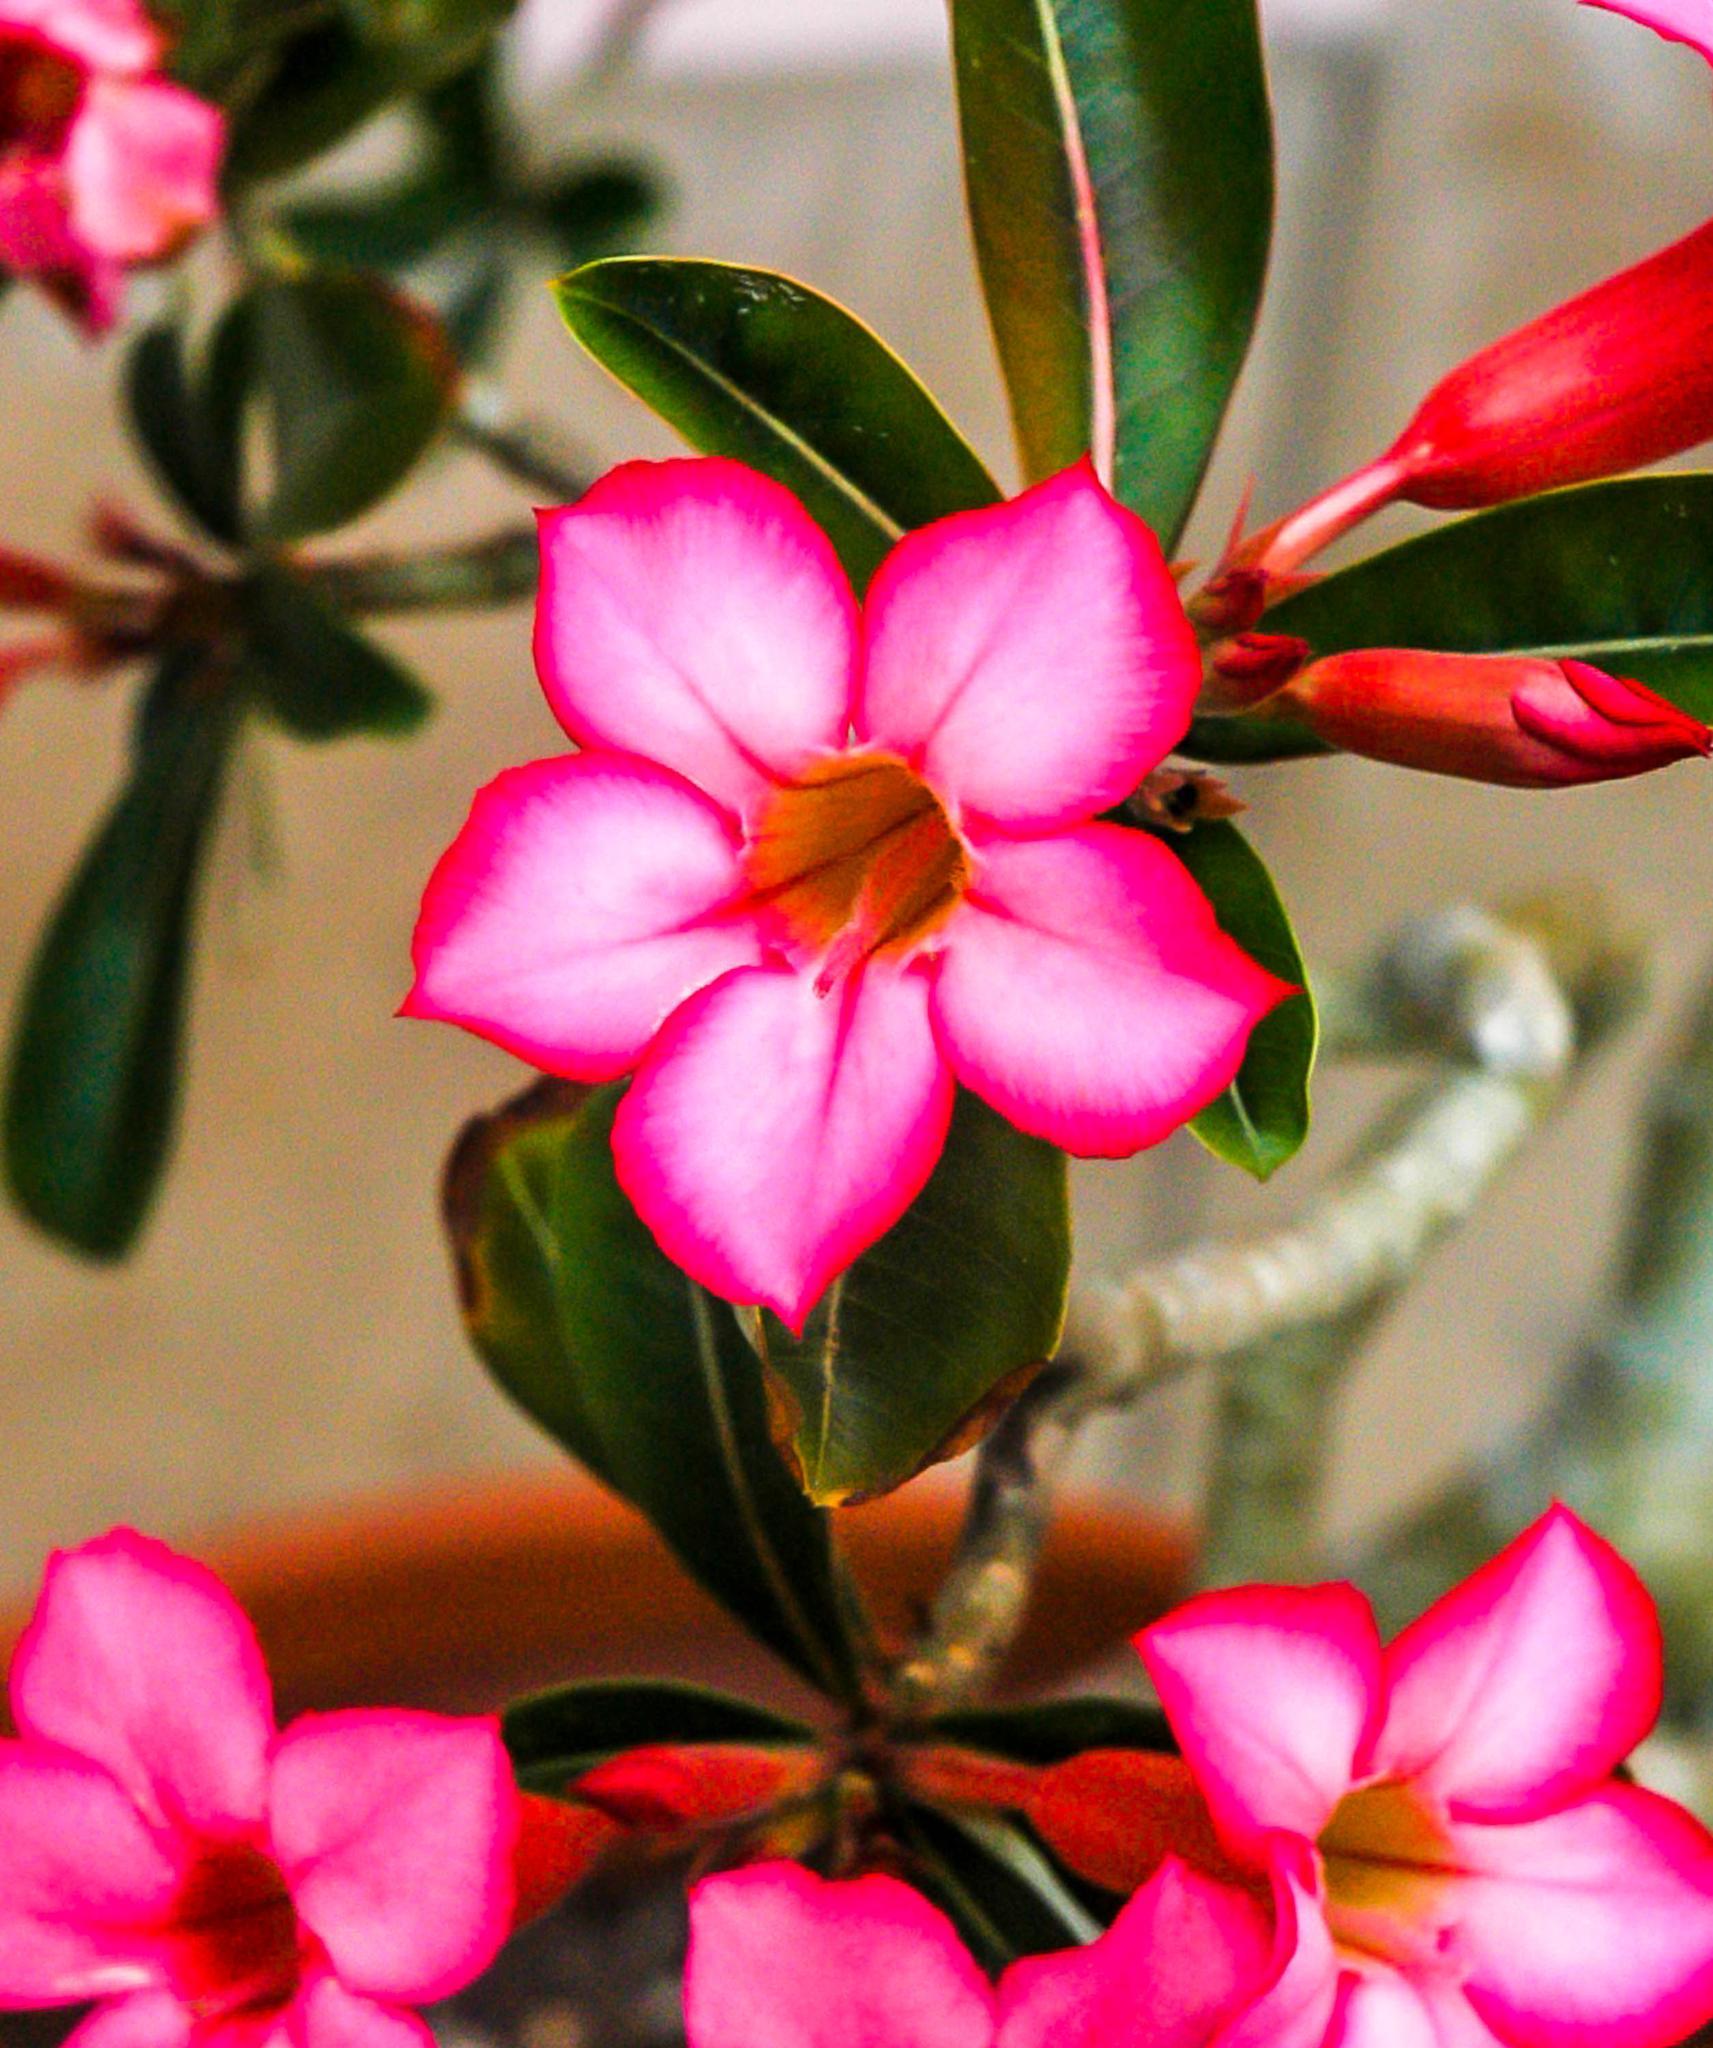 Desert Rose by wes.johnson.58